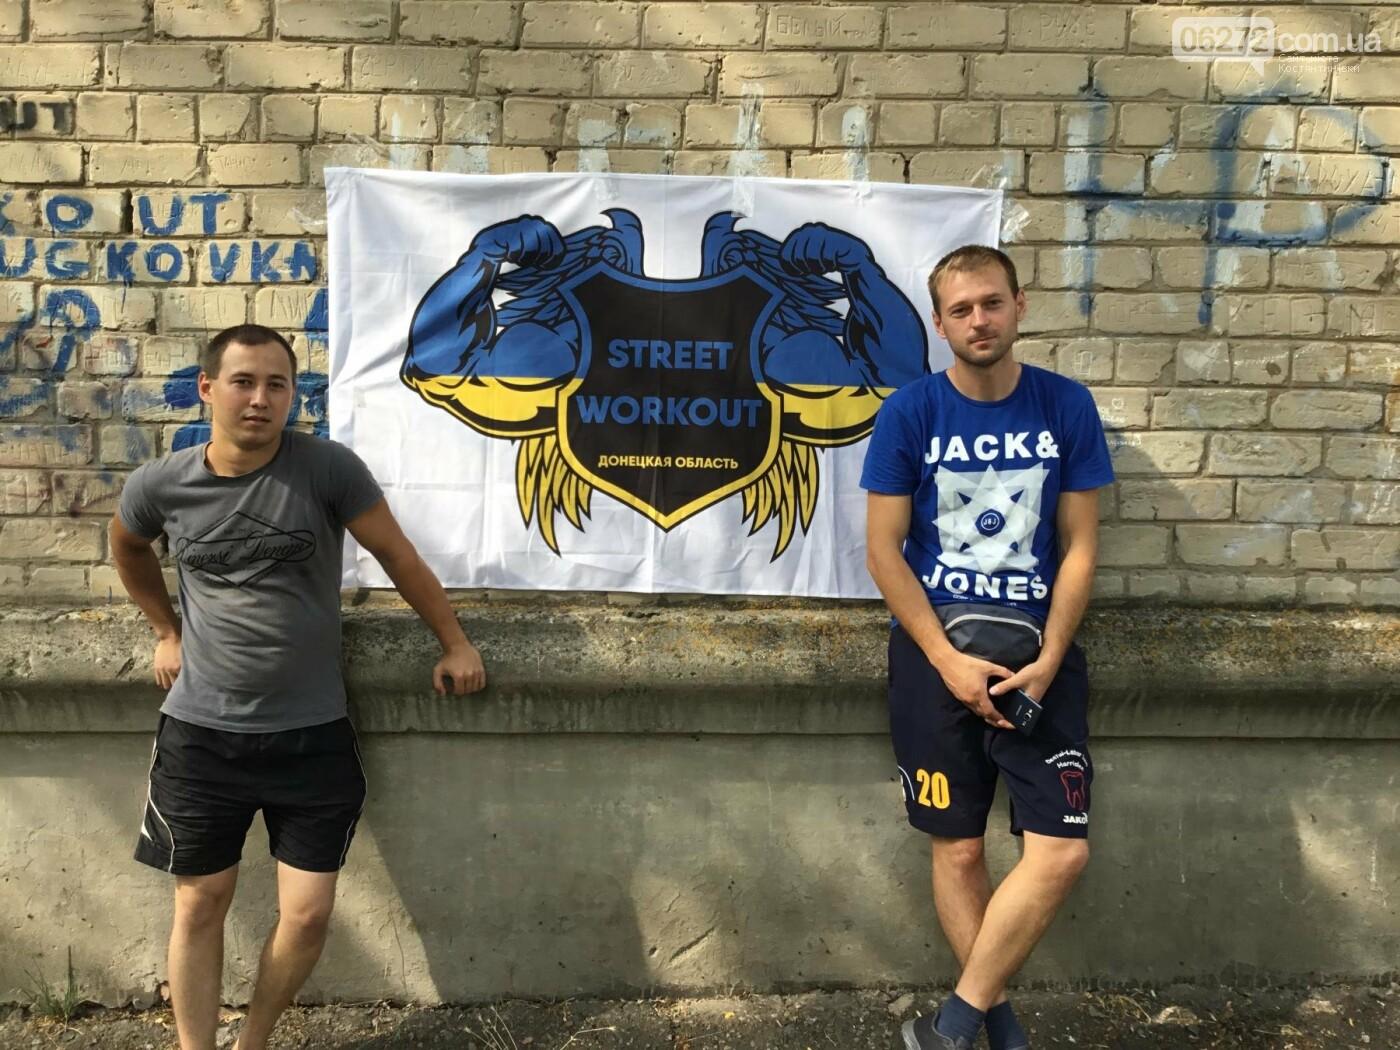 Фото с соревнований по Workout в Константиновке, фото-13